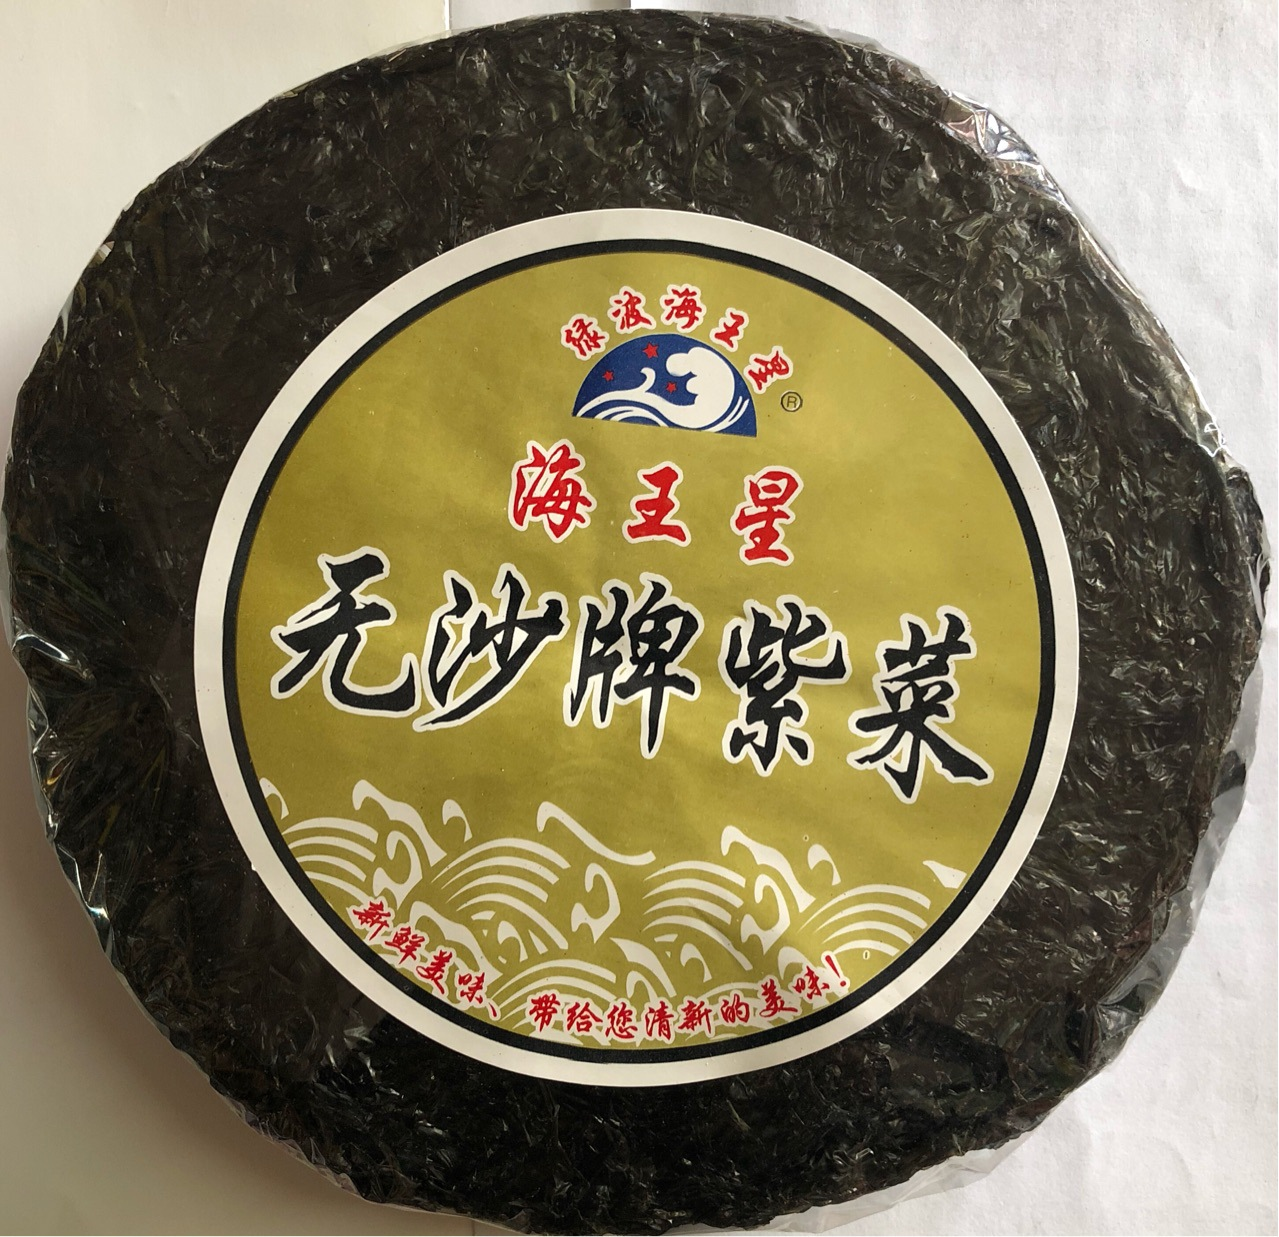 50g海王星无沙紫菜 深海烤紫菜 寿司包饭 烹饪煲汤 火锅调味